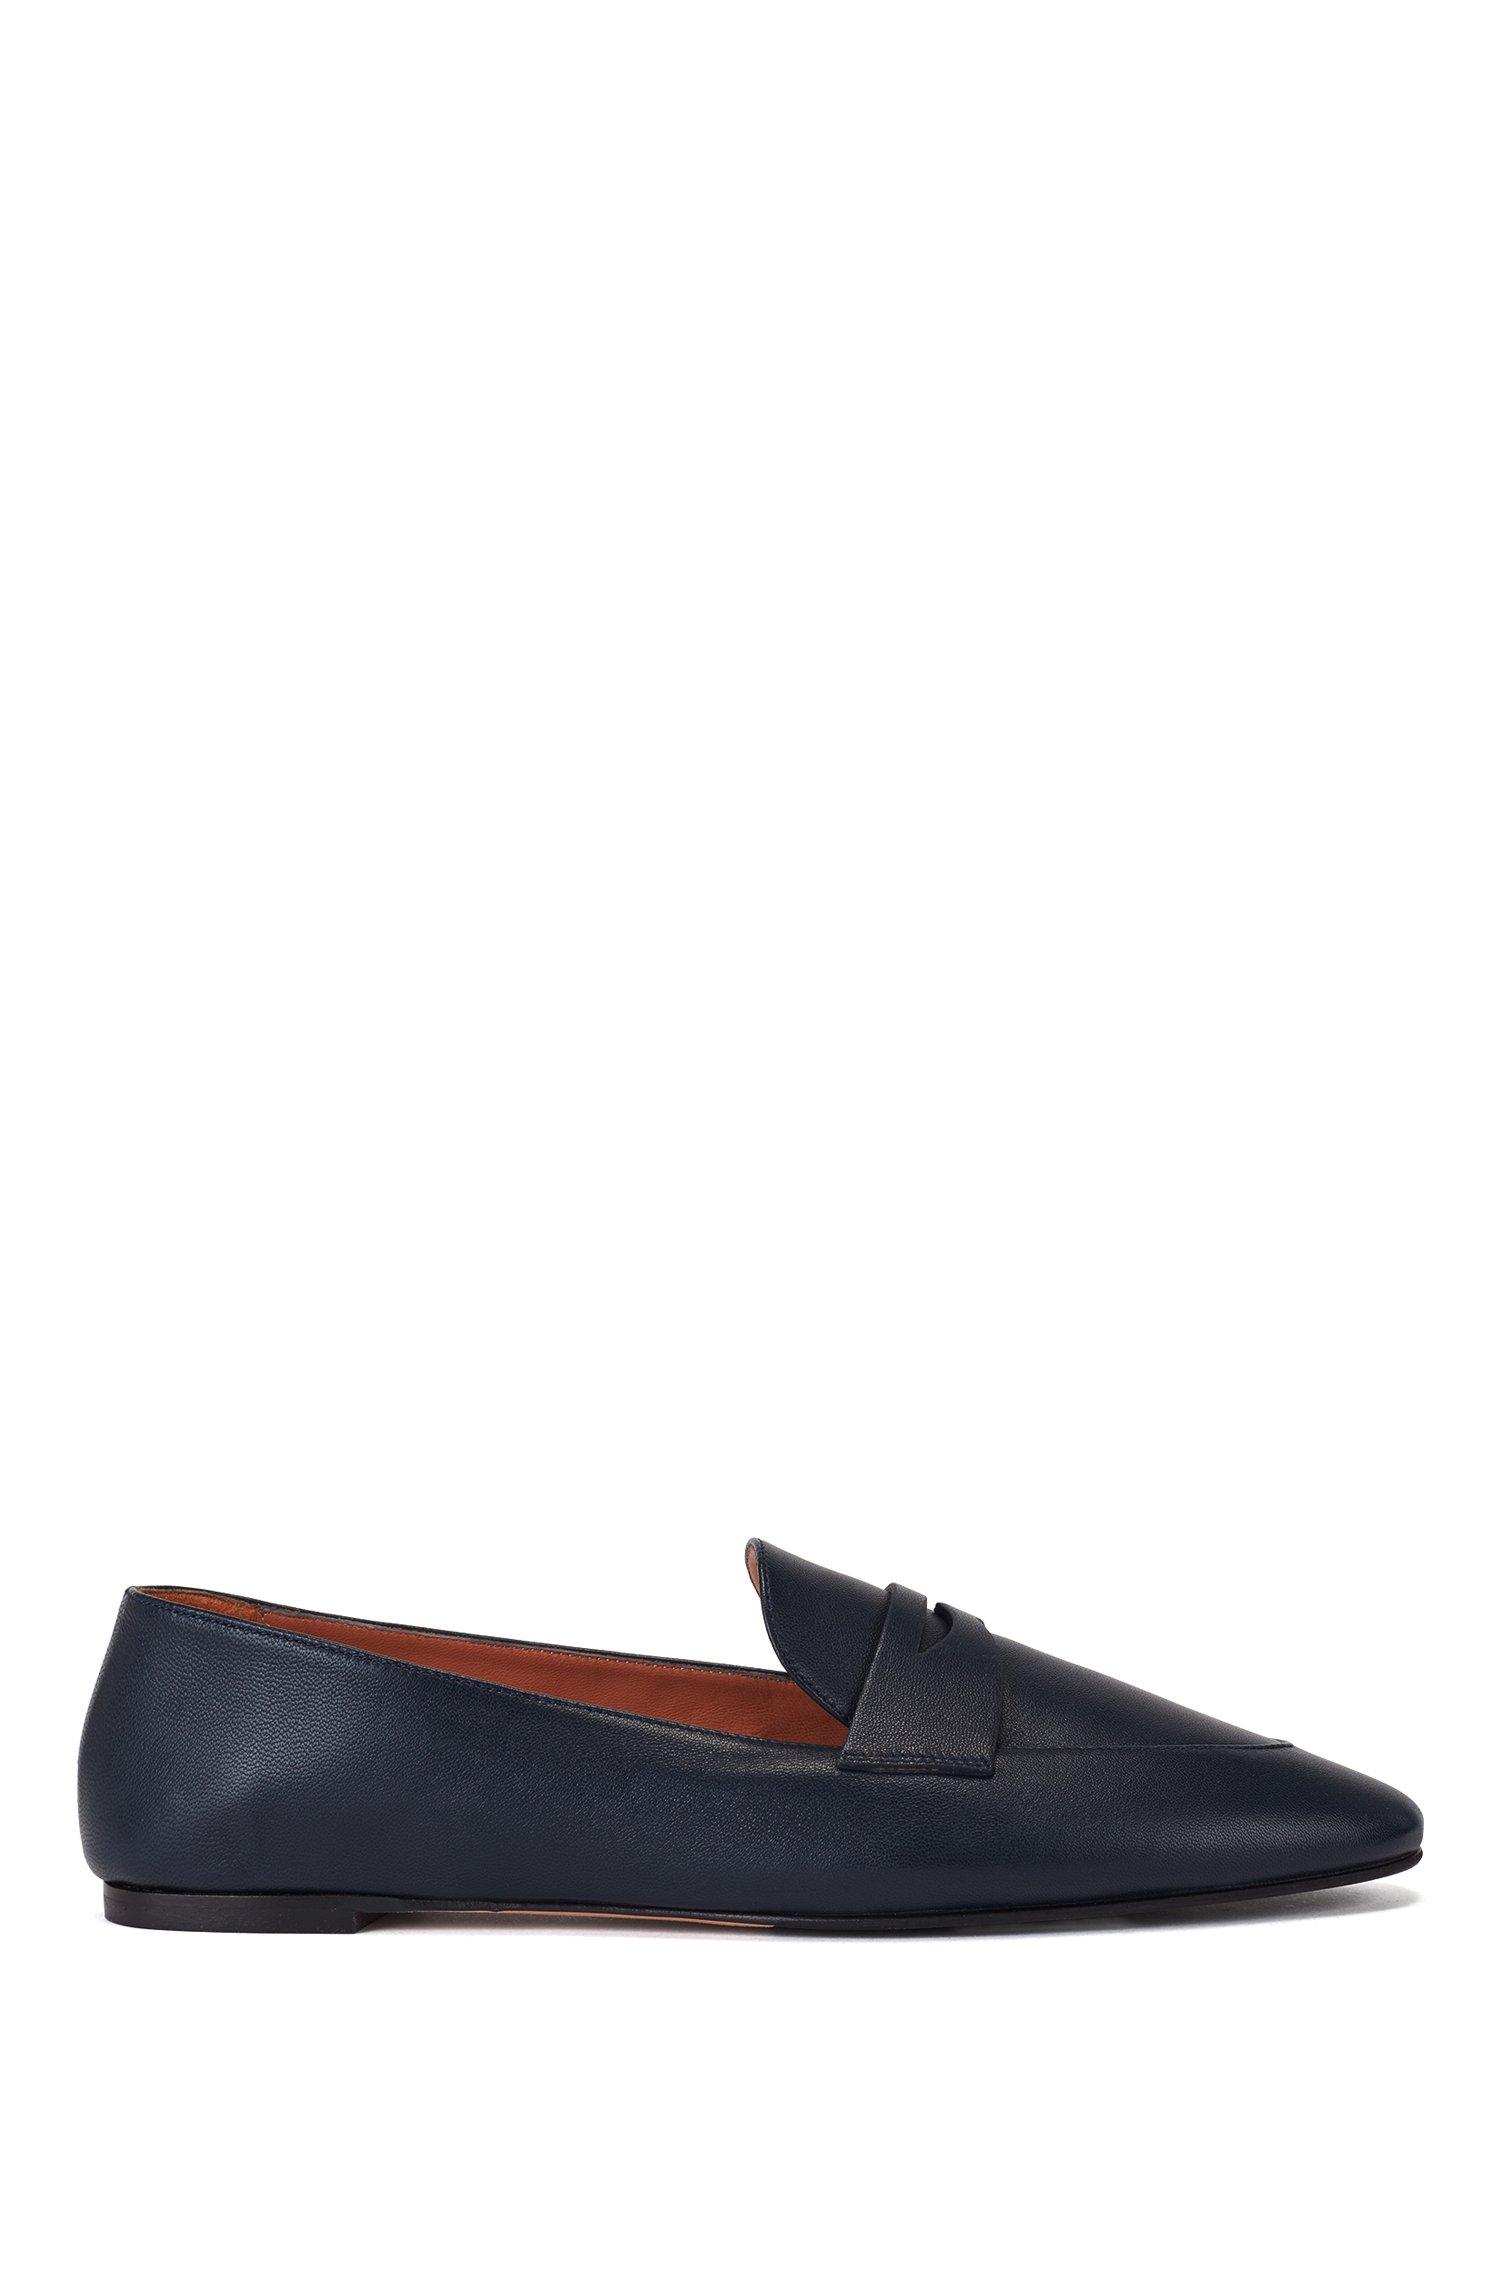 Loafers aus italienischem Leder mit Pennyloafer-Detail, Dunkelblau